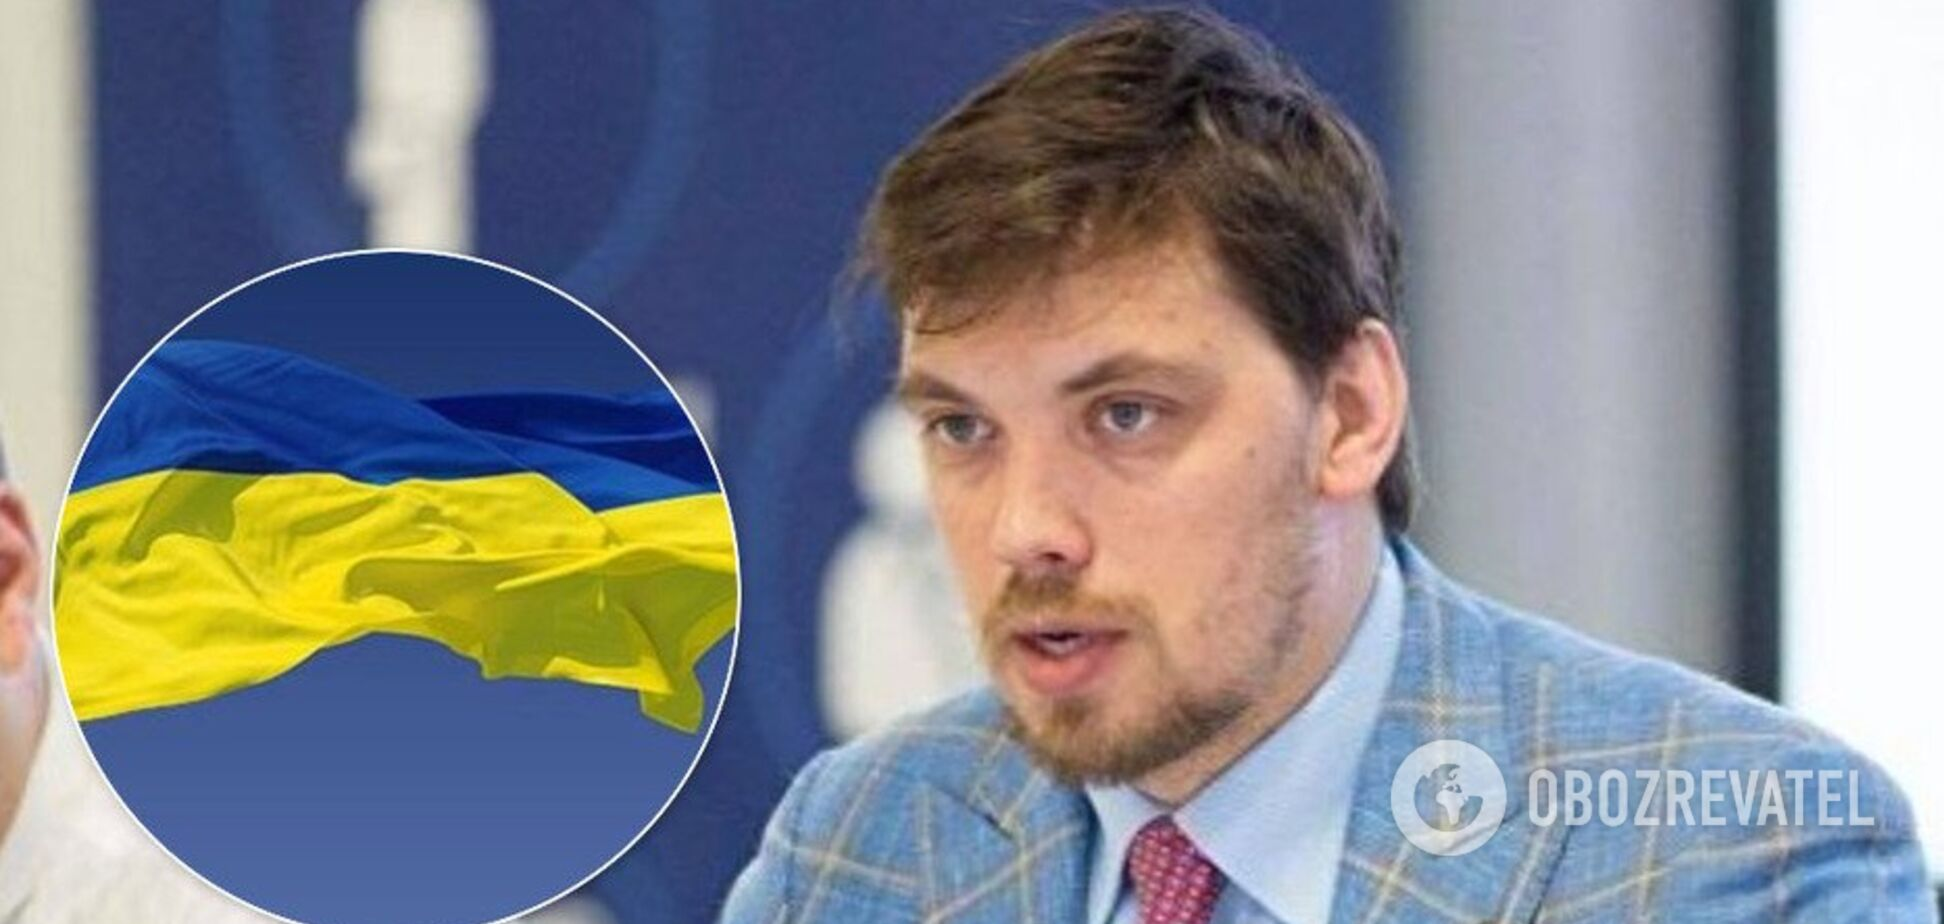 Украинцев будут увольнять по-новому: премьер Гончарук анонсировал новшество